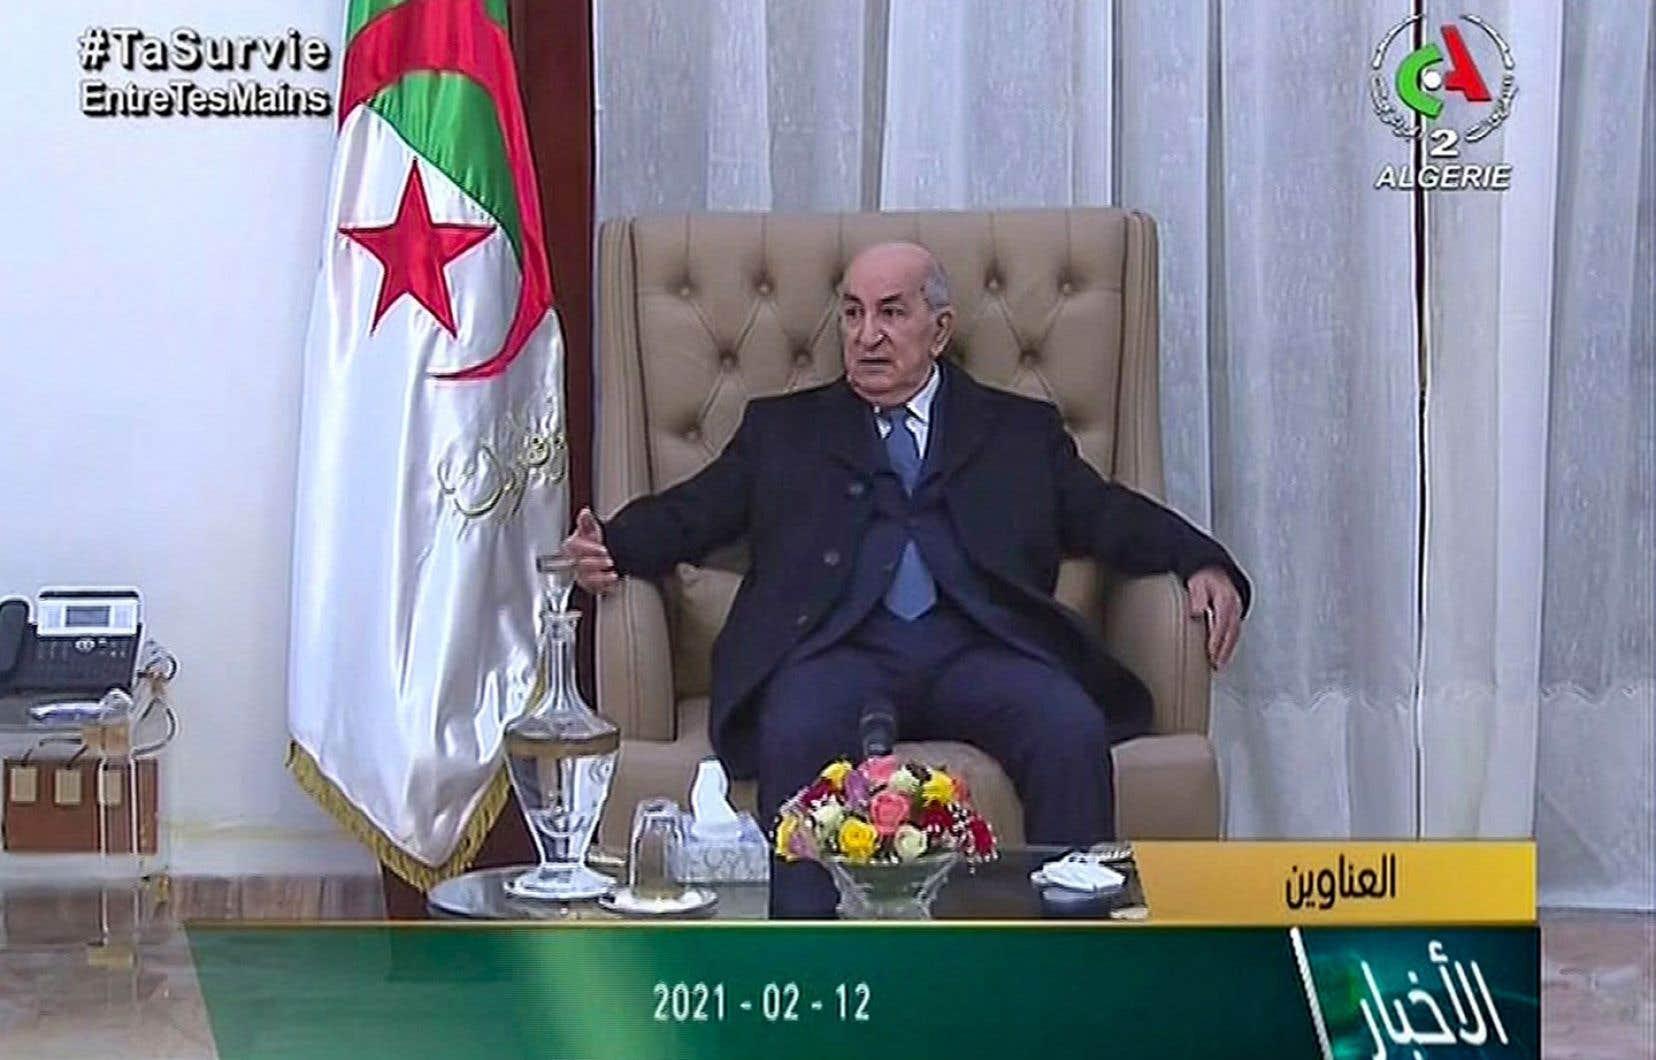 Le président algérienAbdelmadjid Tebboune.